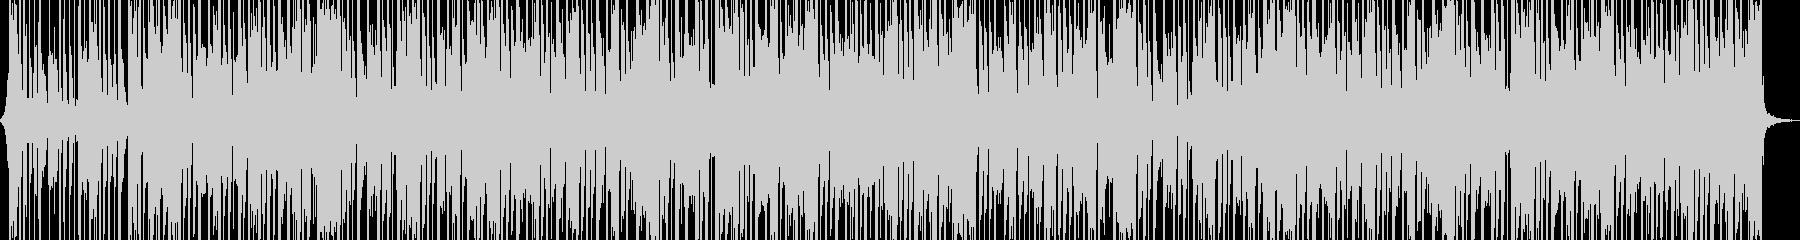 アップビートファンクディスコミュージックの未再生の波形